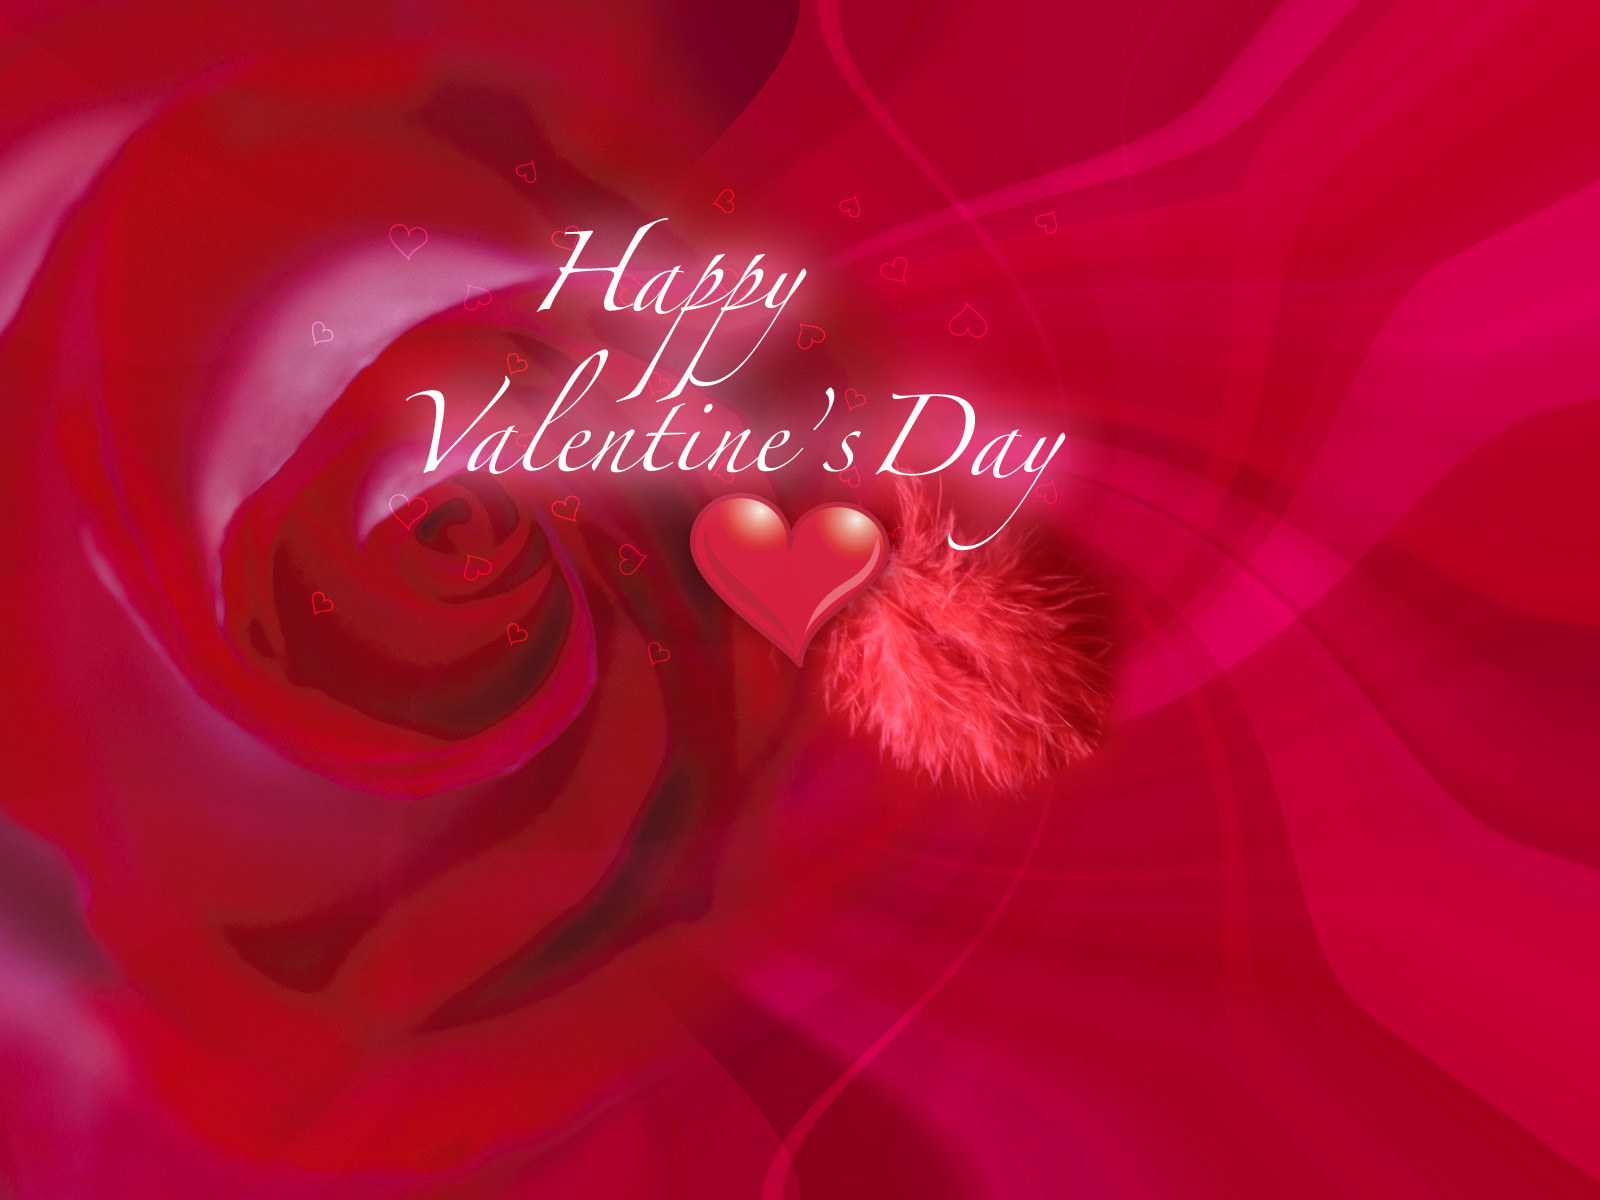 http://1.bp.blogspot.com/-i78kHlUaSGo/Twgs9M2BjJI/AAAAAAAAB00/elDsPwQKE1c/s1600/valentine%252527s%2Bday%2Bwallpaper-takeaweirdbreak.blogspot.com-Valentine%252527s%2BDay%2BWallpaper.jpg